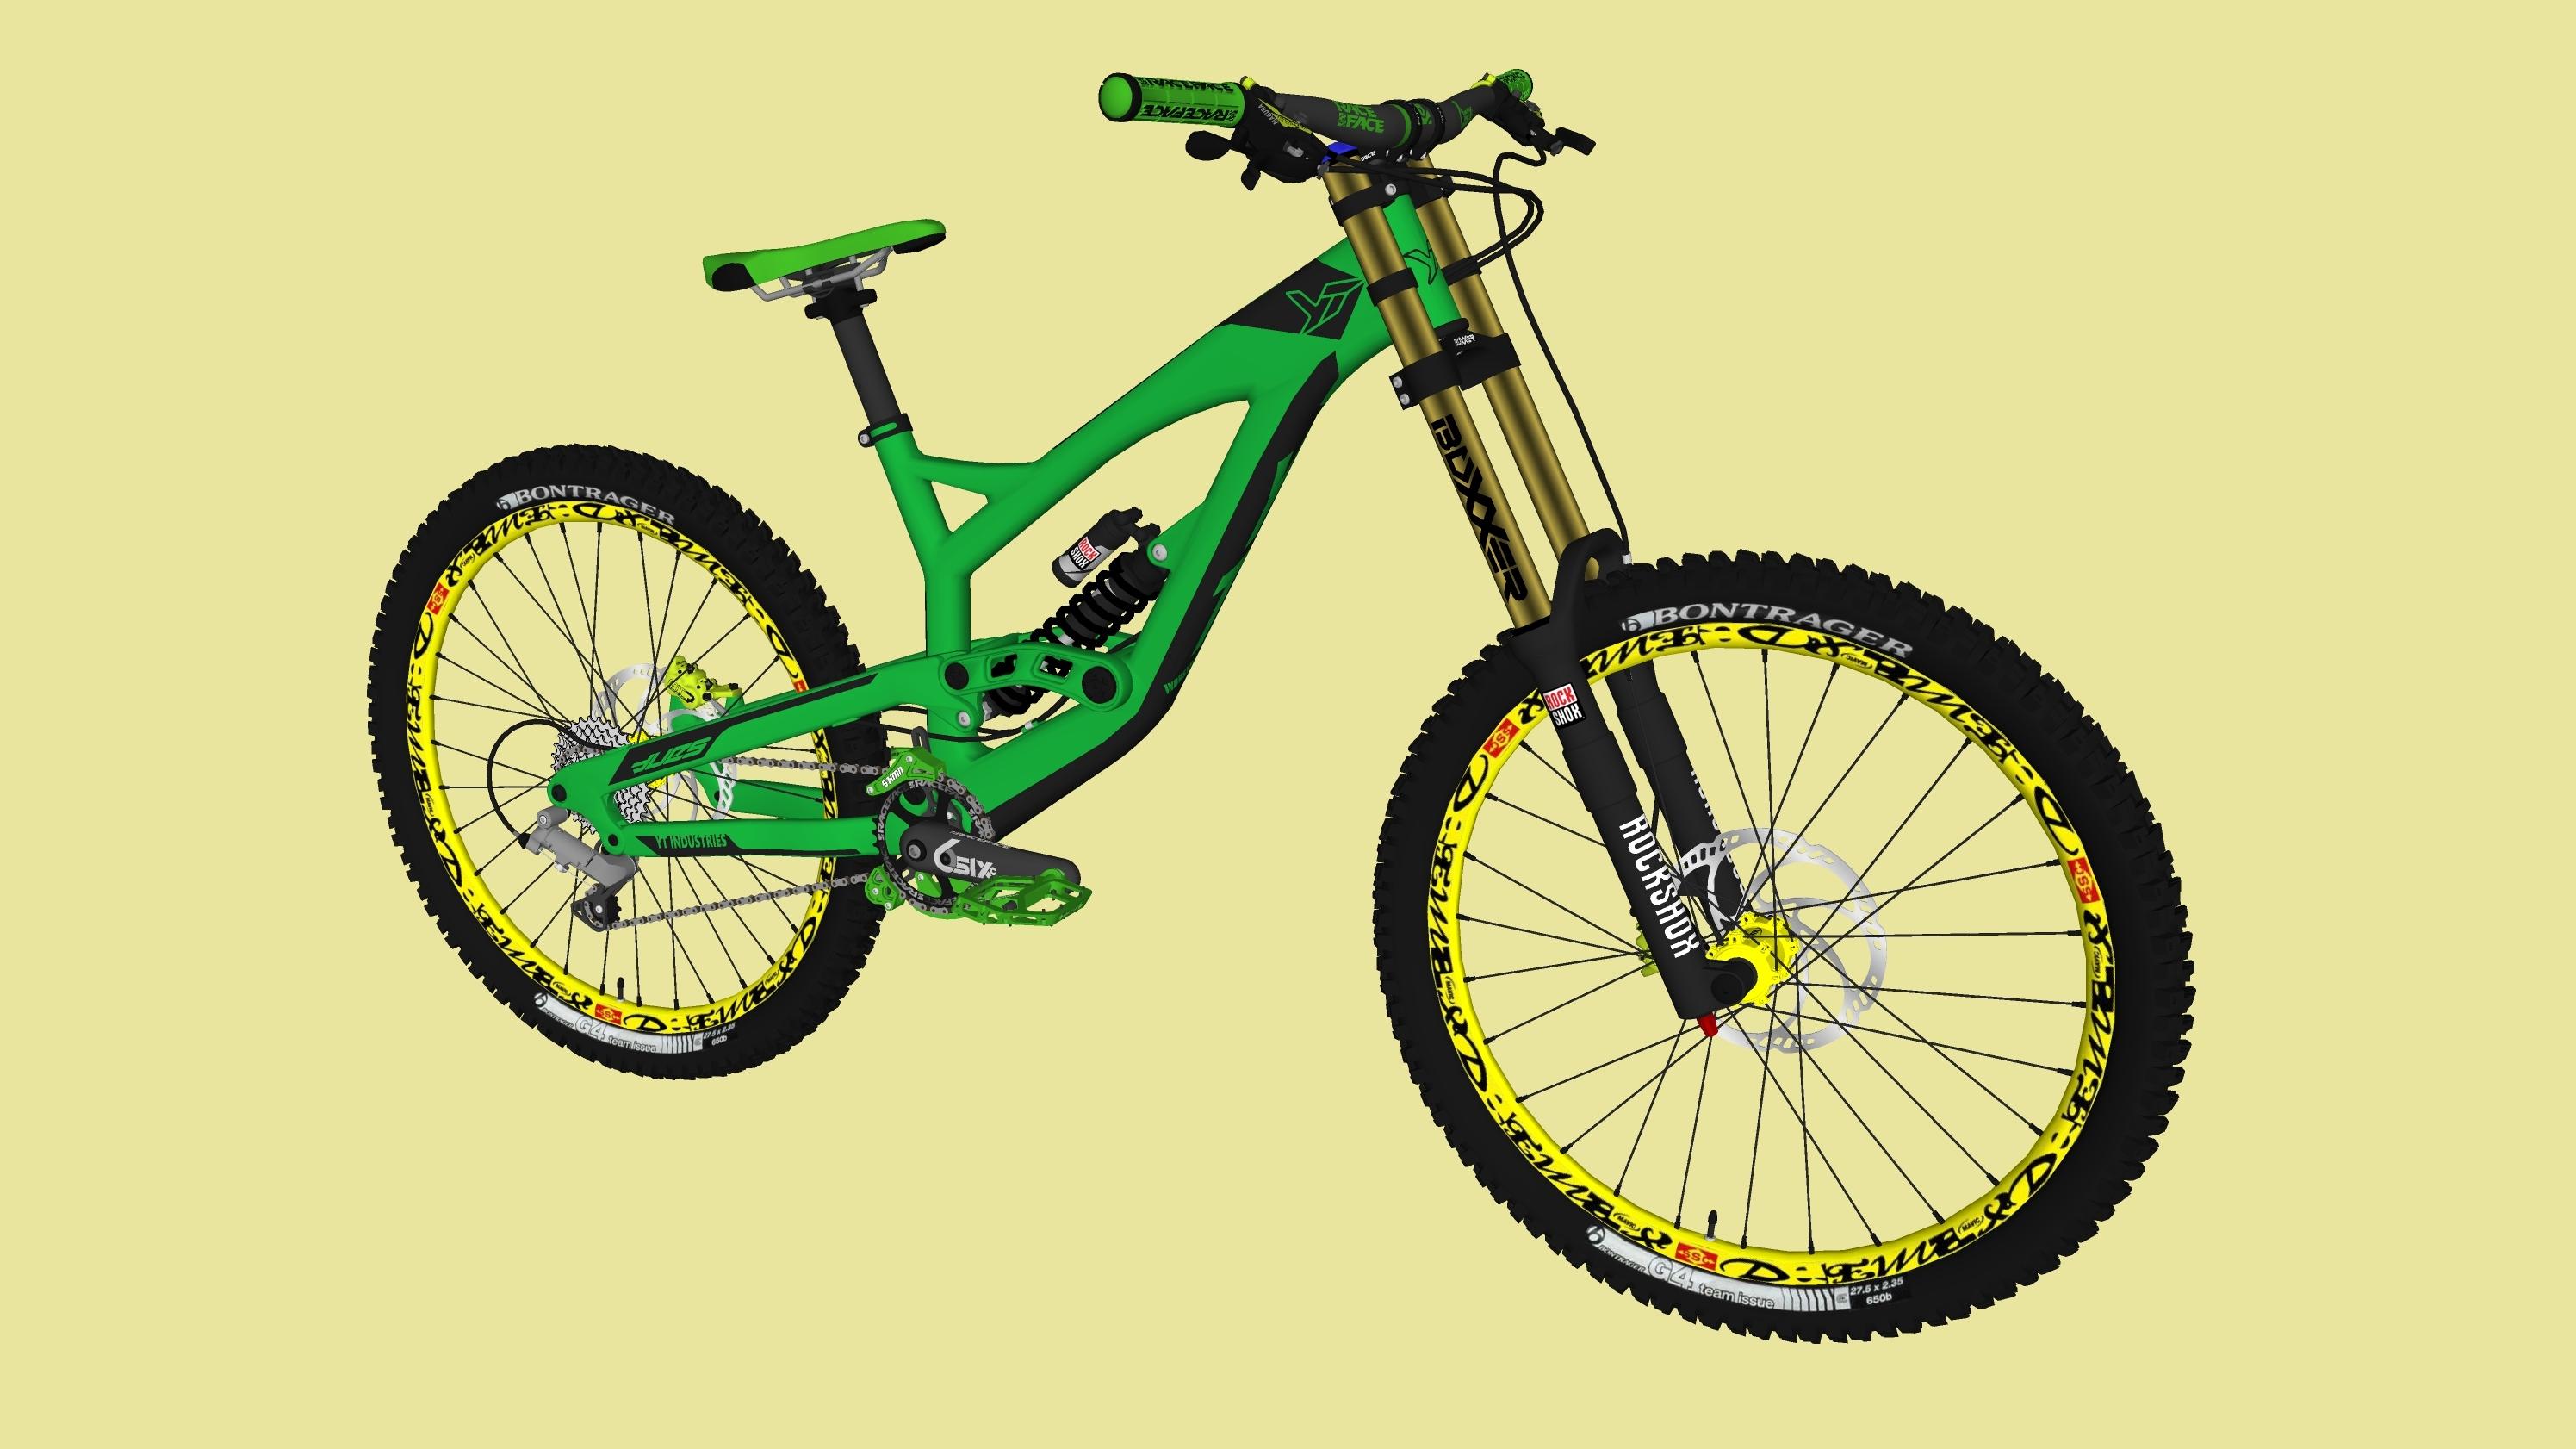 Bike and bike parts